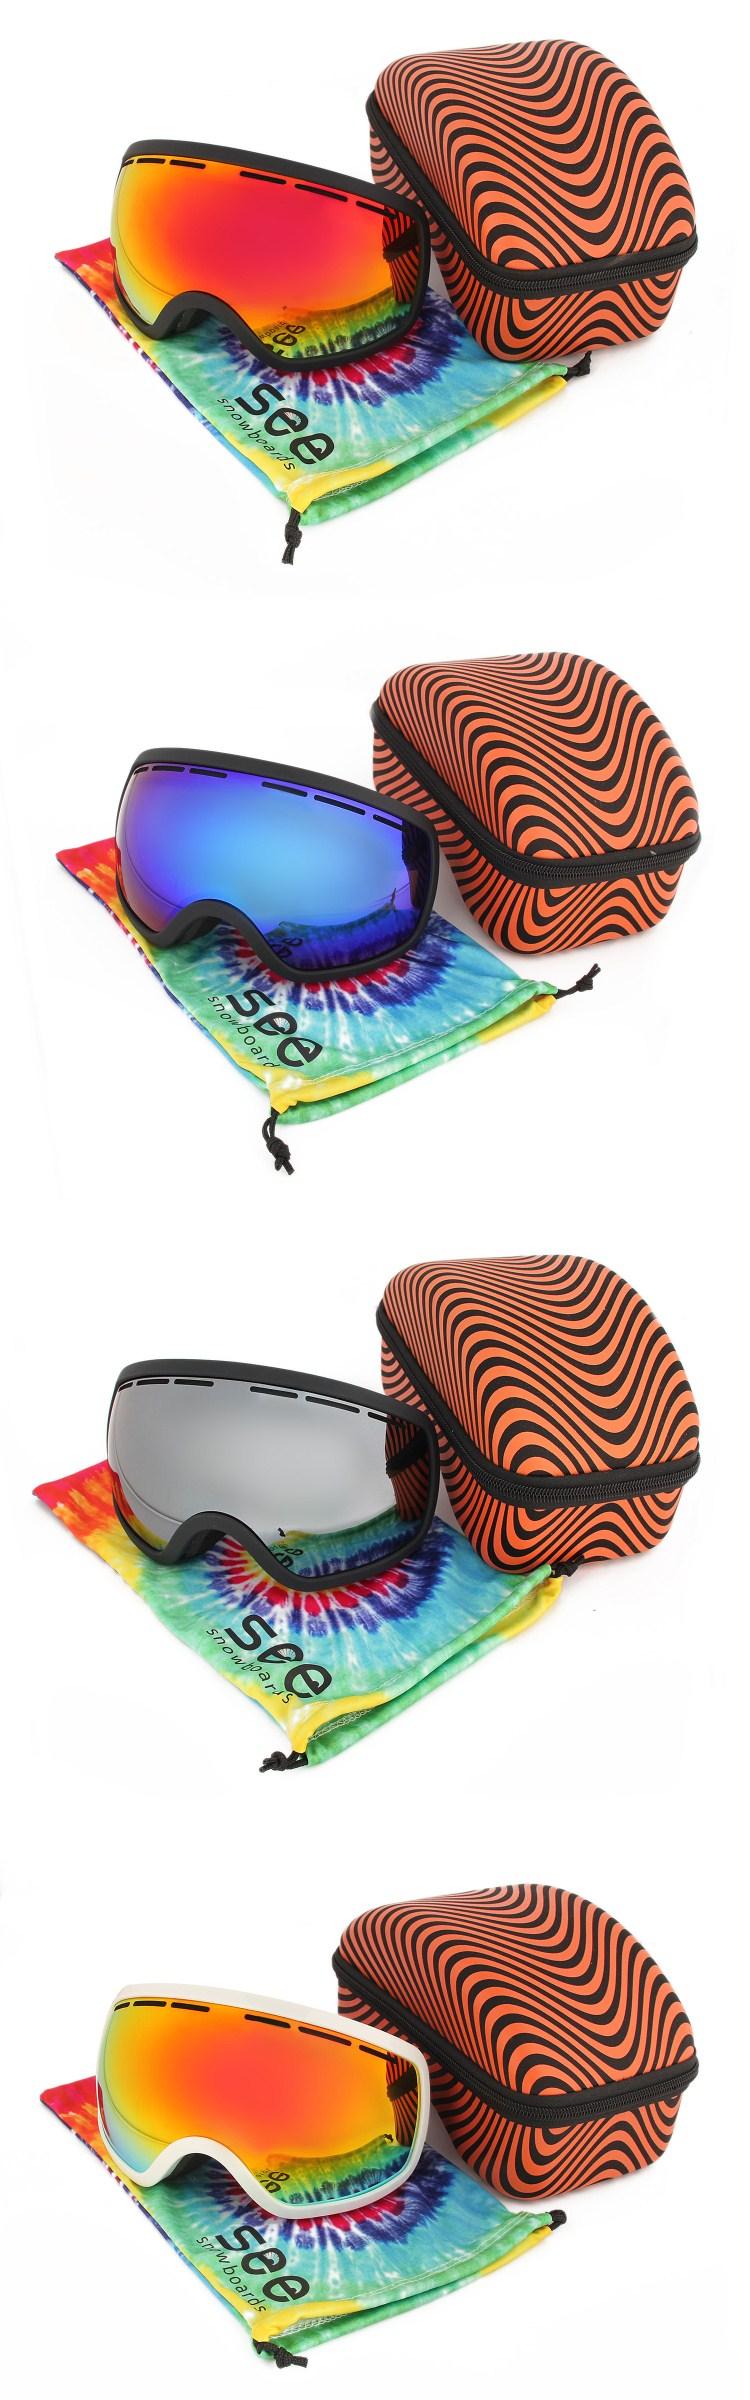 Купить недорого дешево горнолыжные, сноубордические, лыжные маски очки